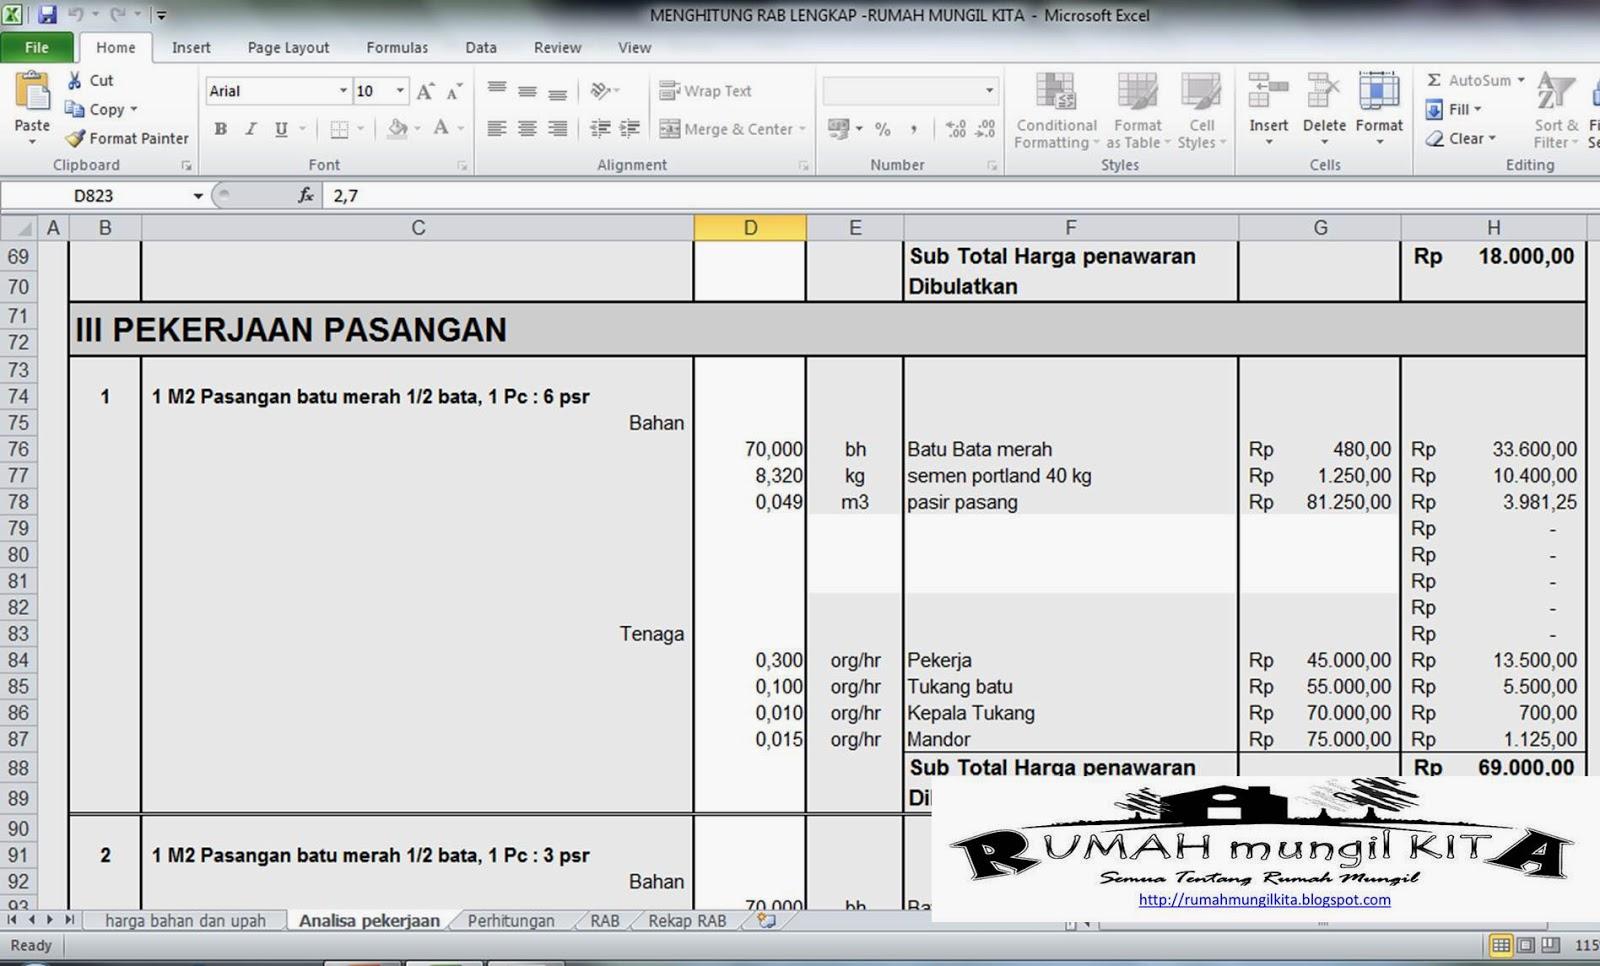 Menghitung RAB rumah tinggal - analisa pekerjaan konstruksi